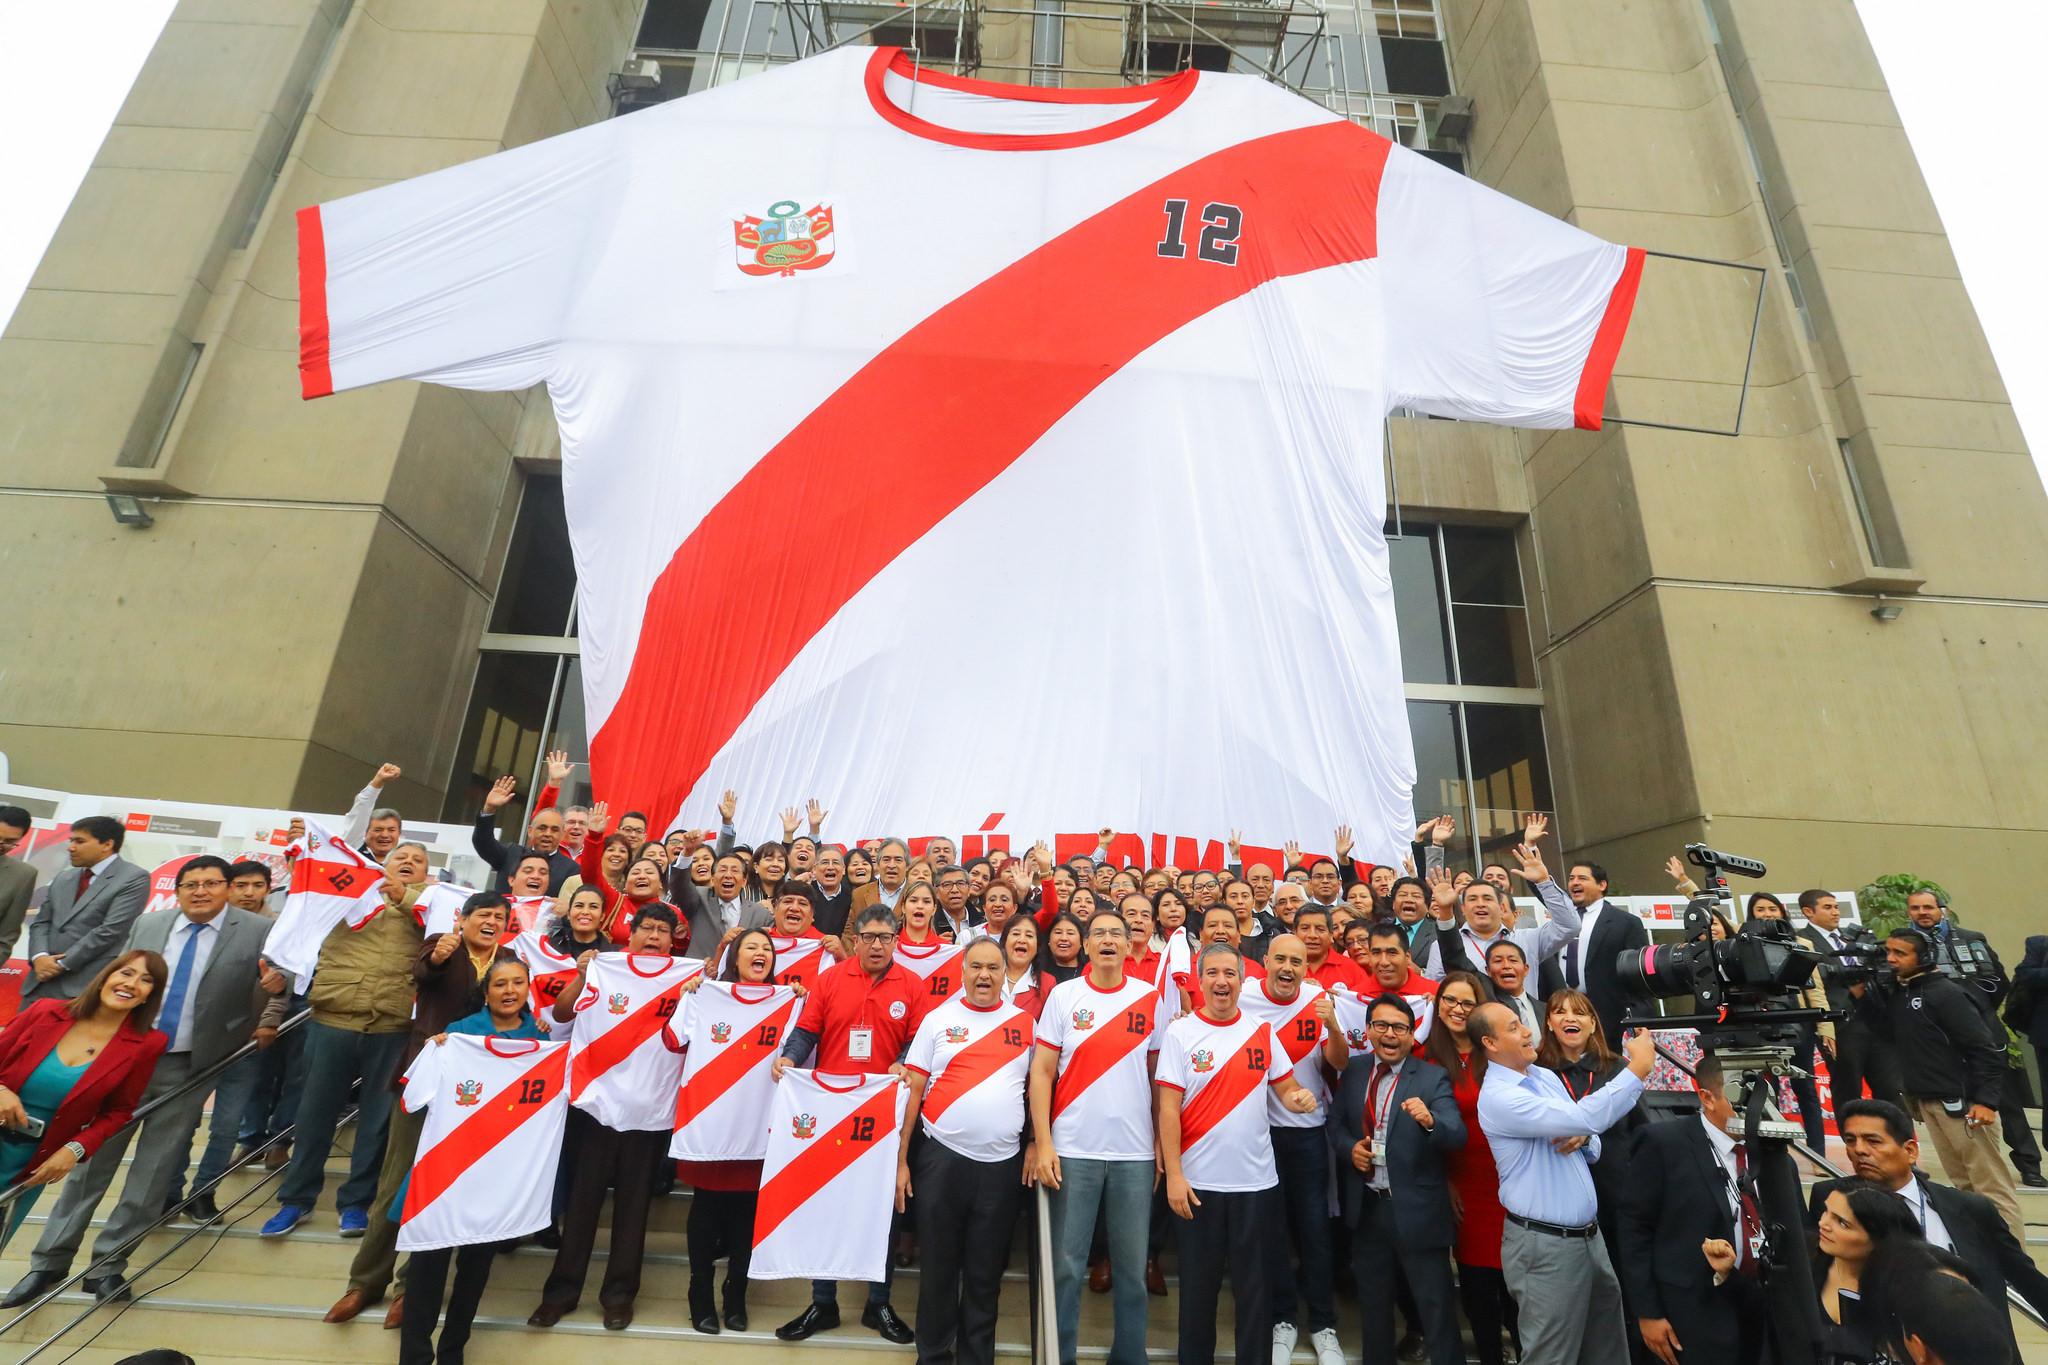 guerreros mype 2 - Perú: Guerreros MYPE busca impulsar la venta de camisetas de la selección